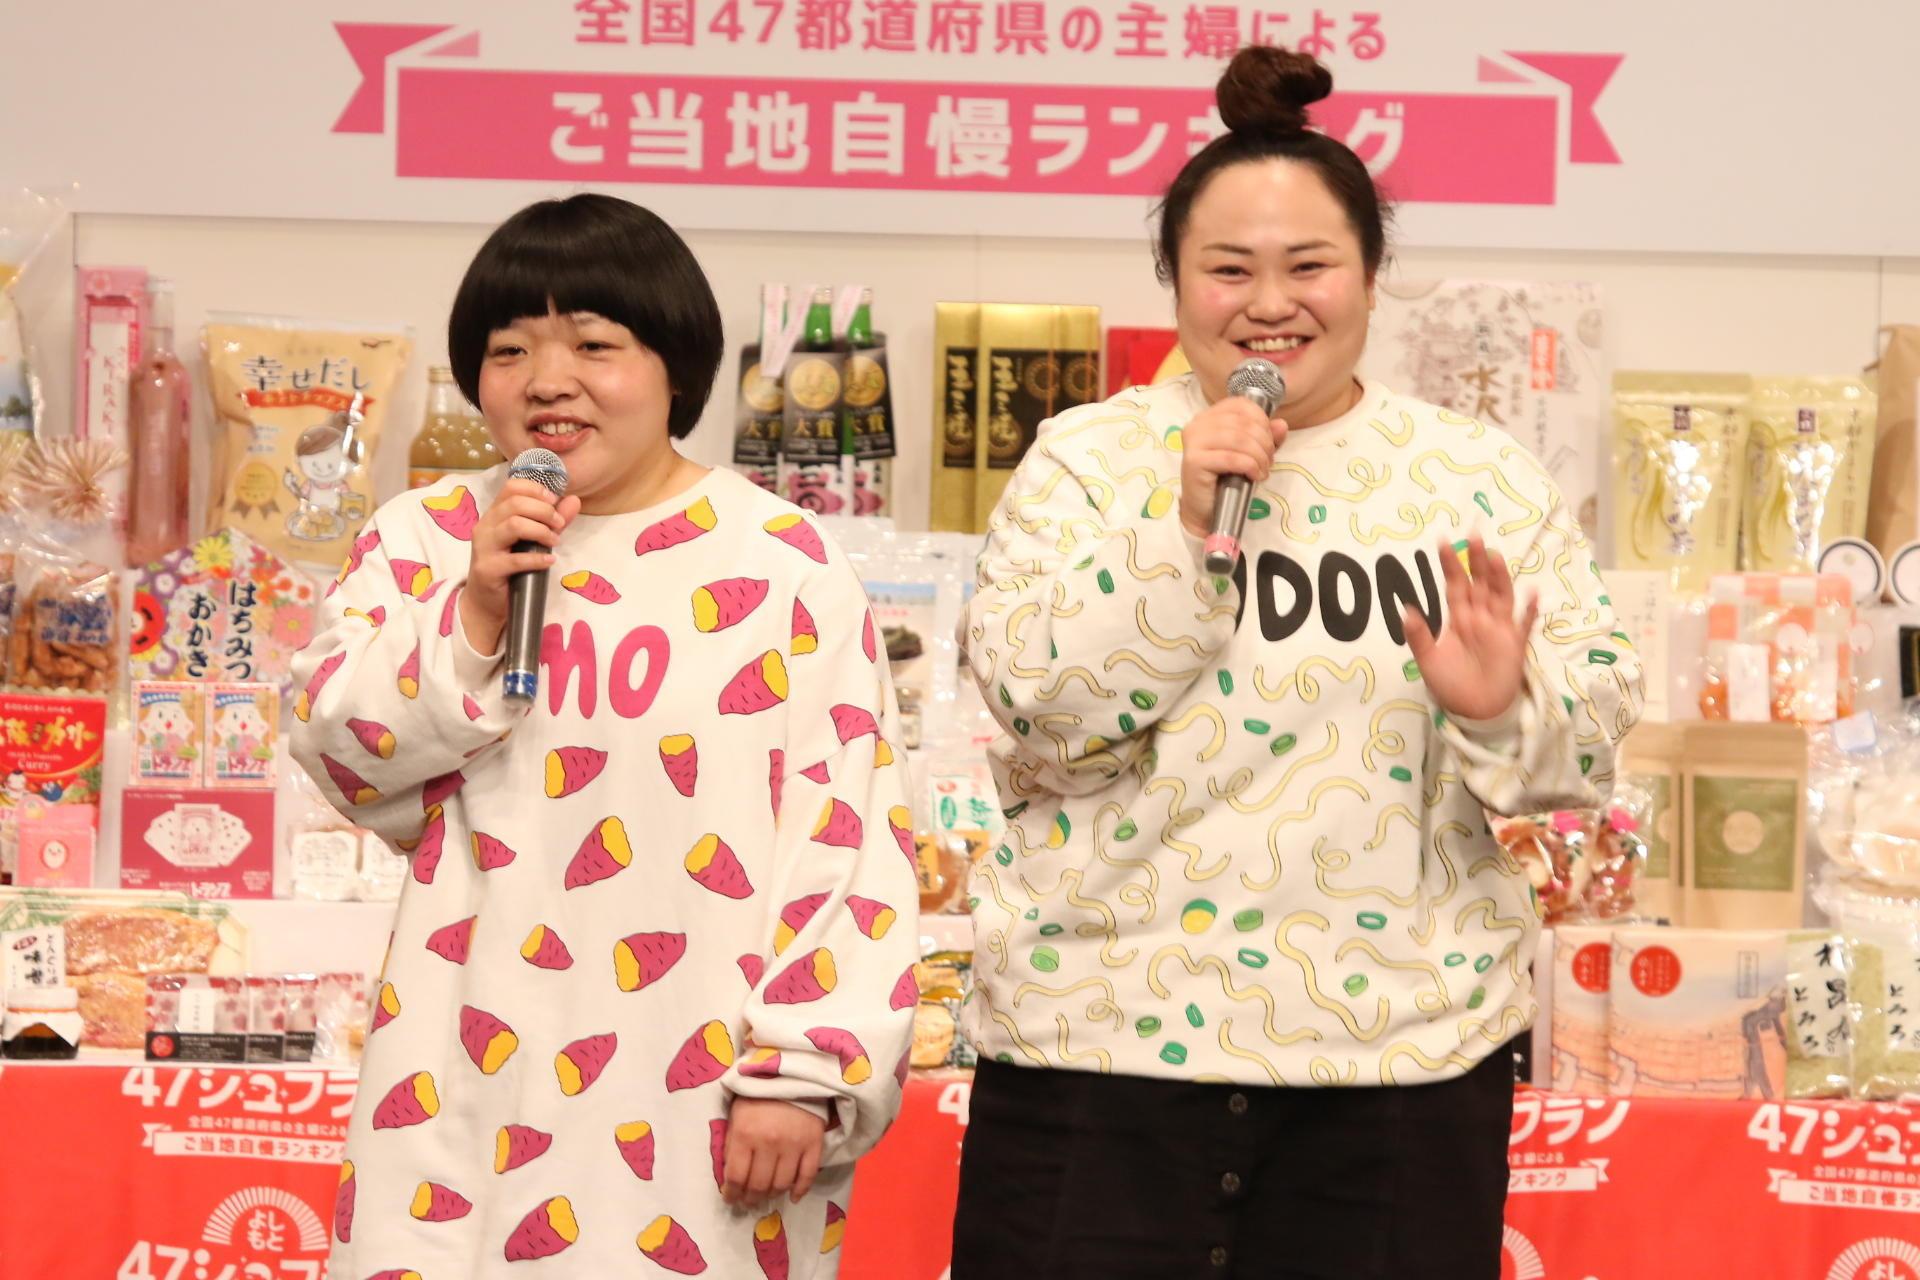 http://news.yoshimoto.co.jp/20180313170732-2e9d3b21d6f56e915173bd68770a10248ed8adba.jpg